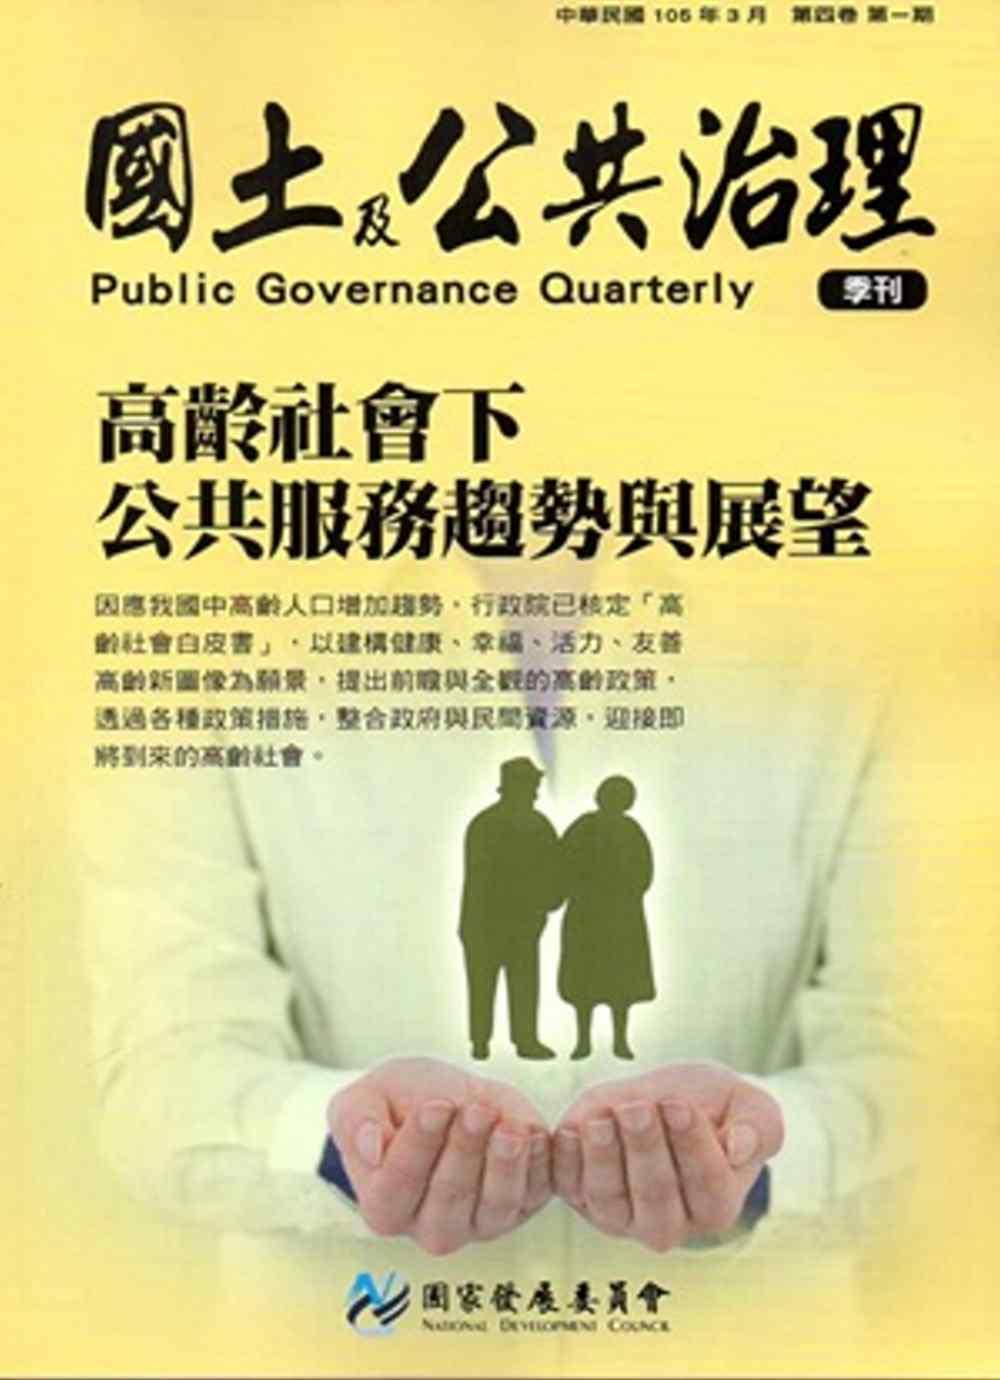 國土及公共治理季刊第4卷第1期(105.03)